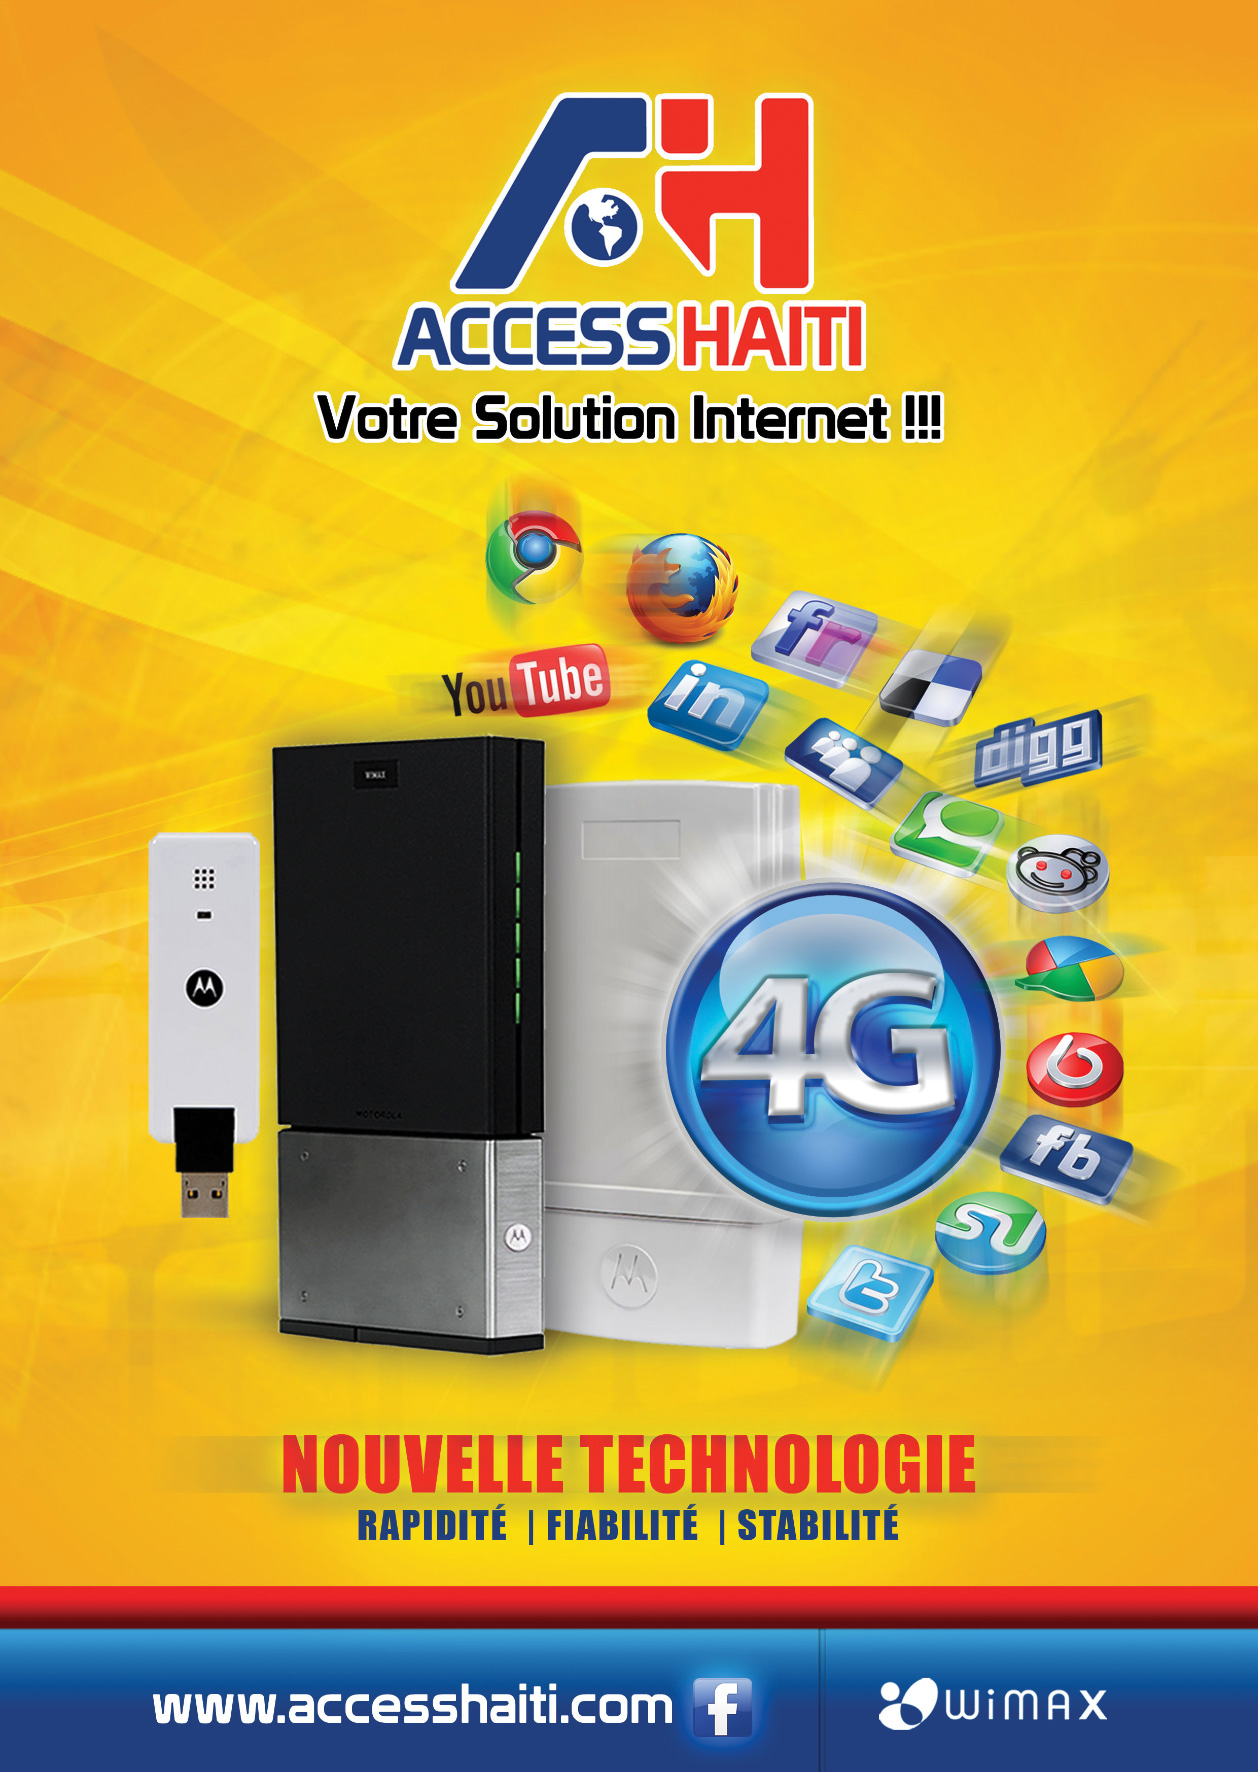 Access Haiti